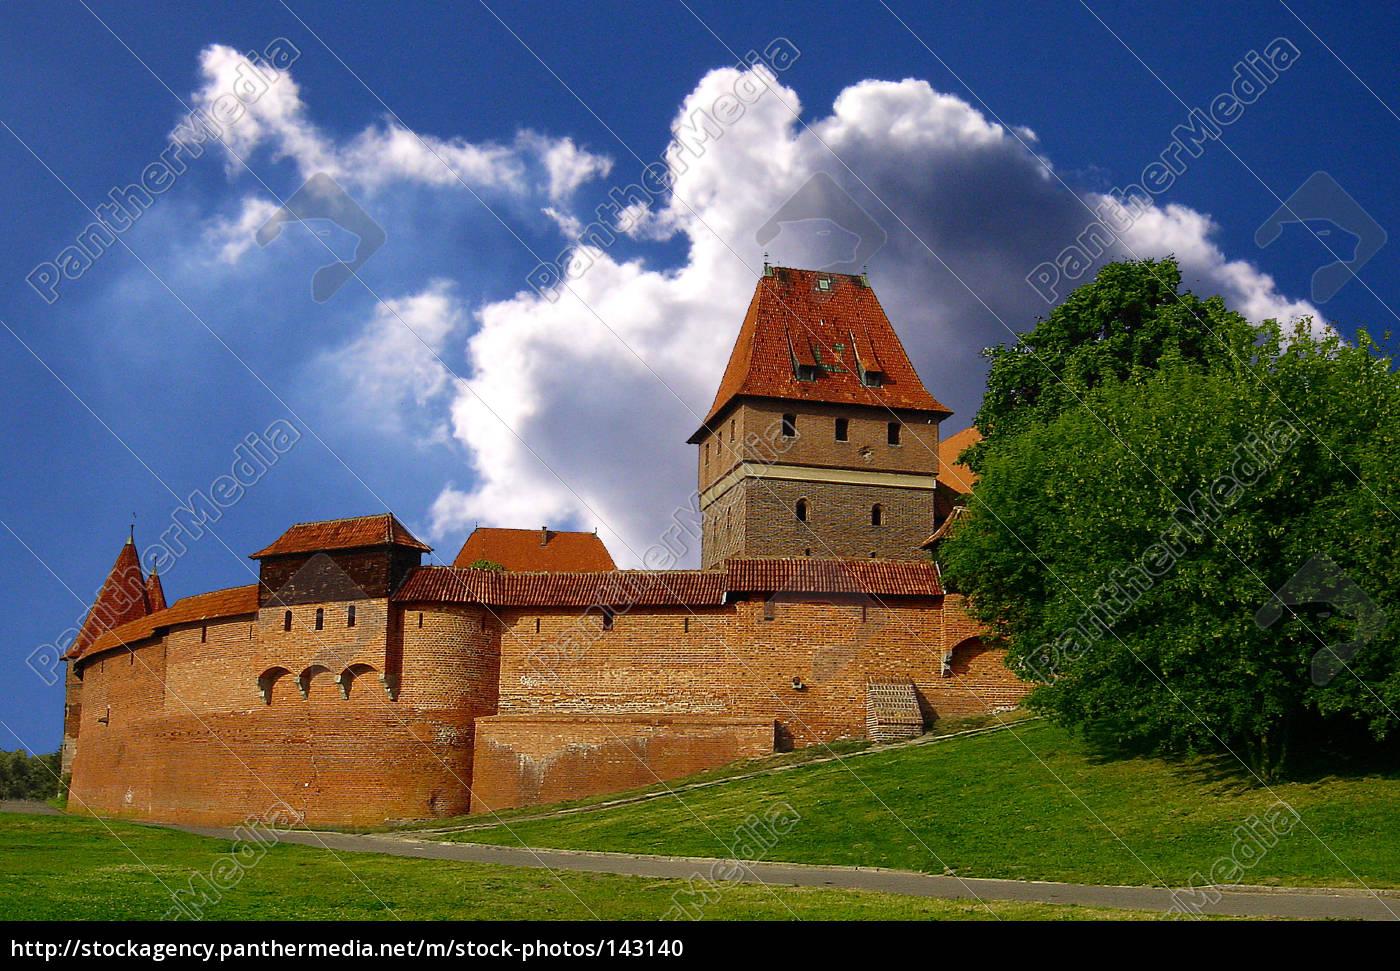 marlbork, -, marienburg - 143140